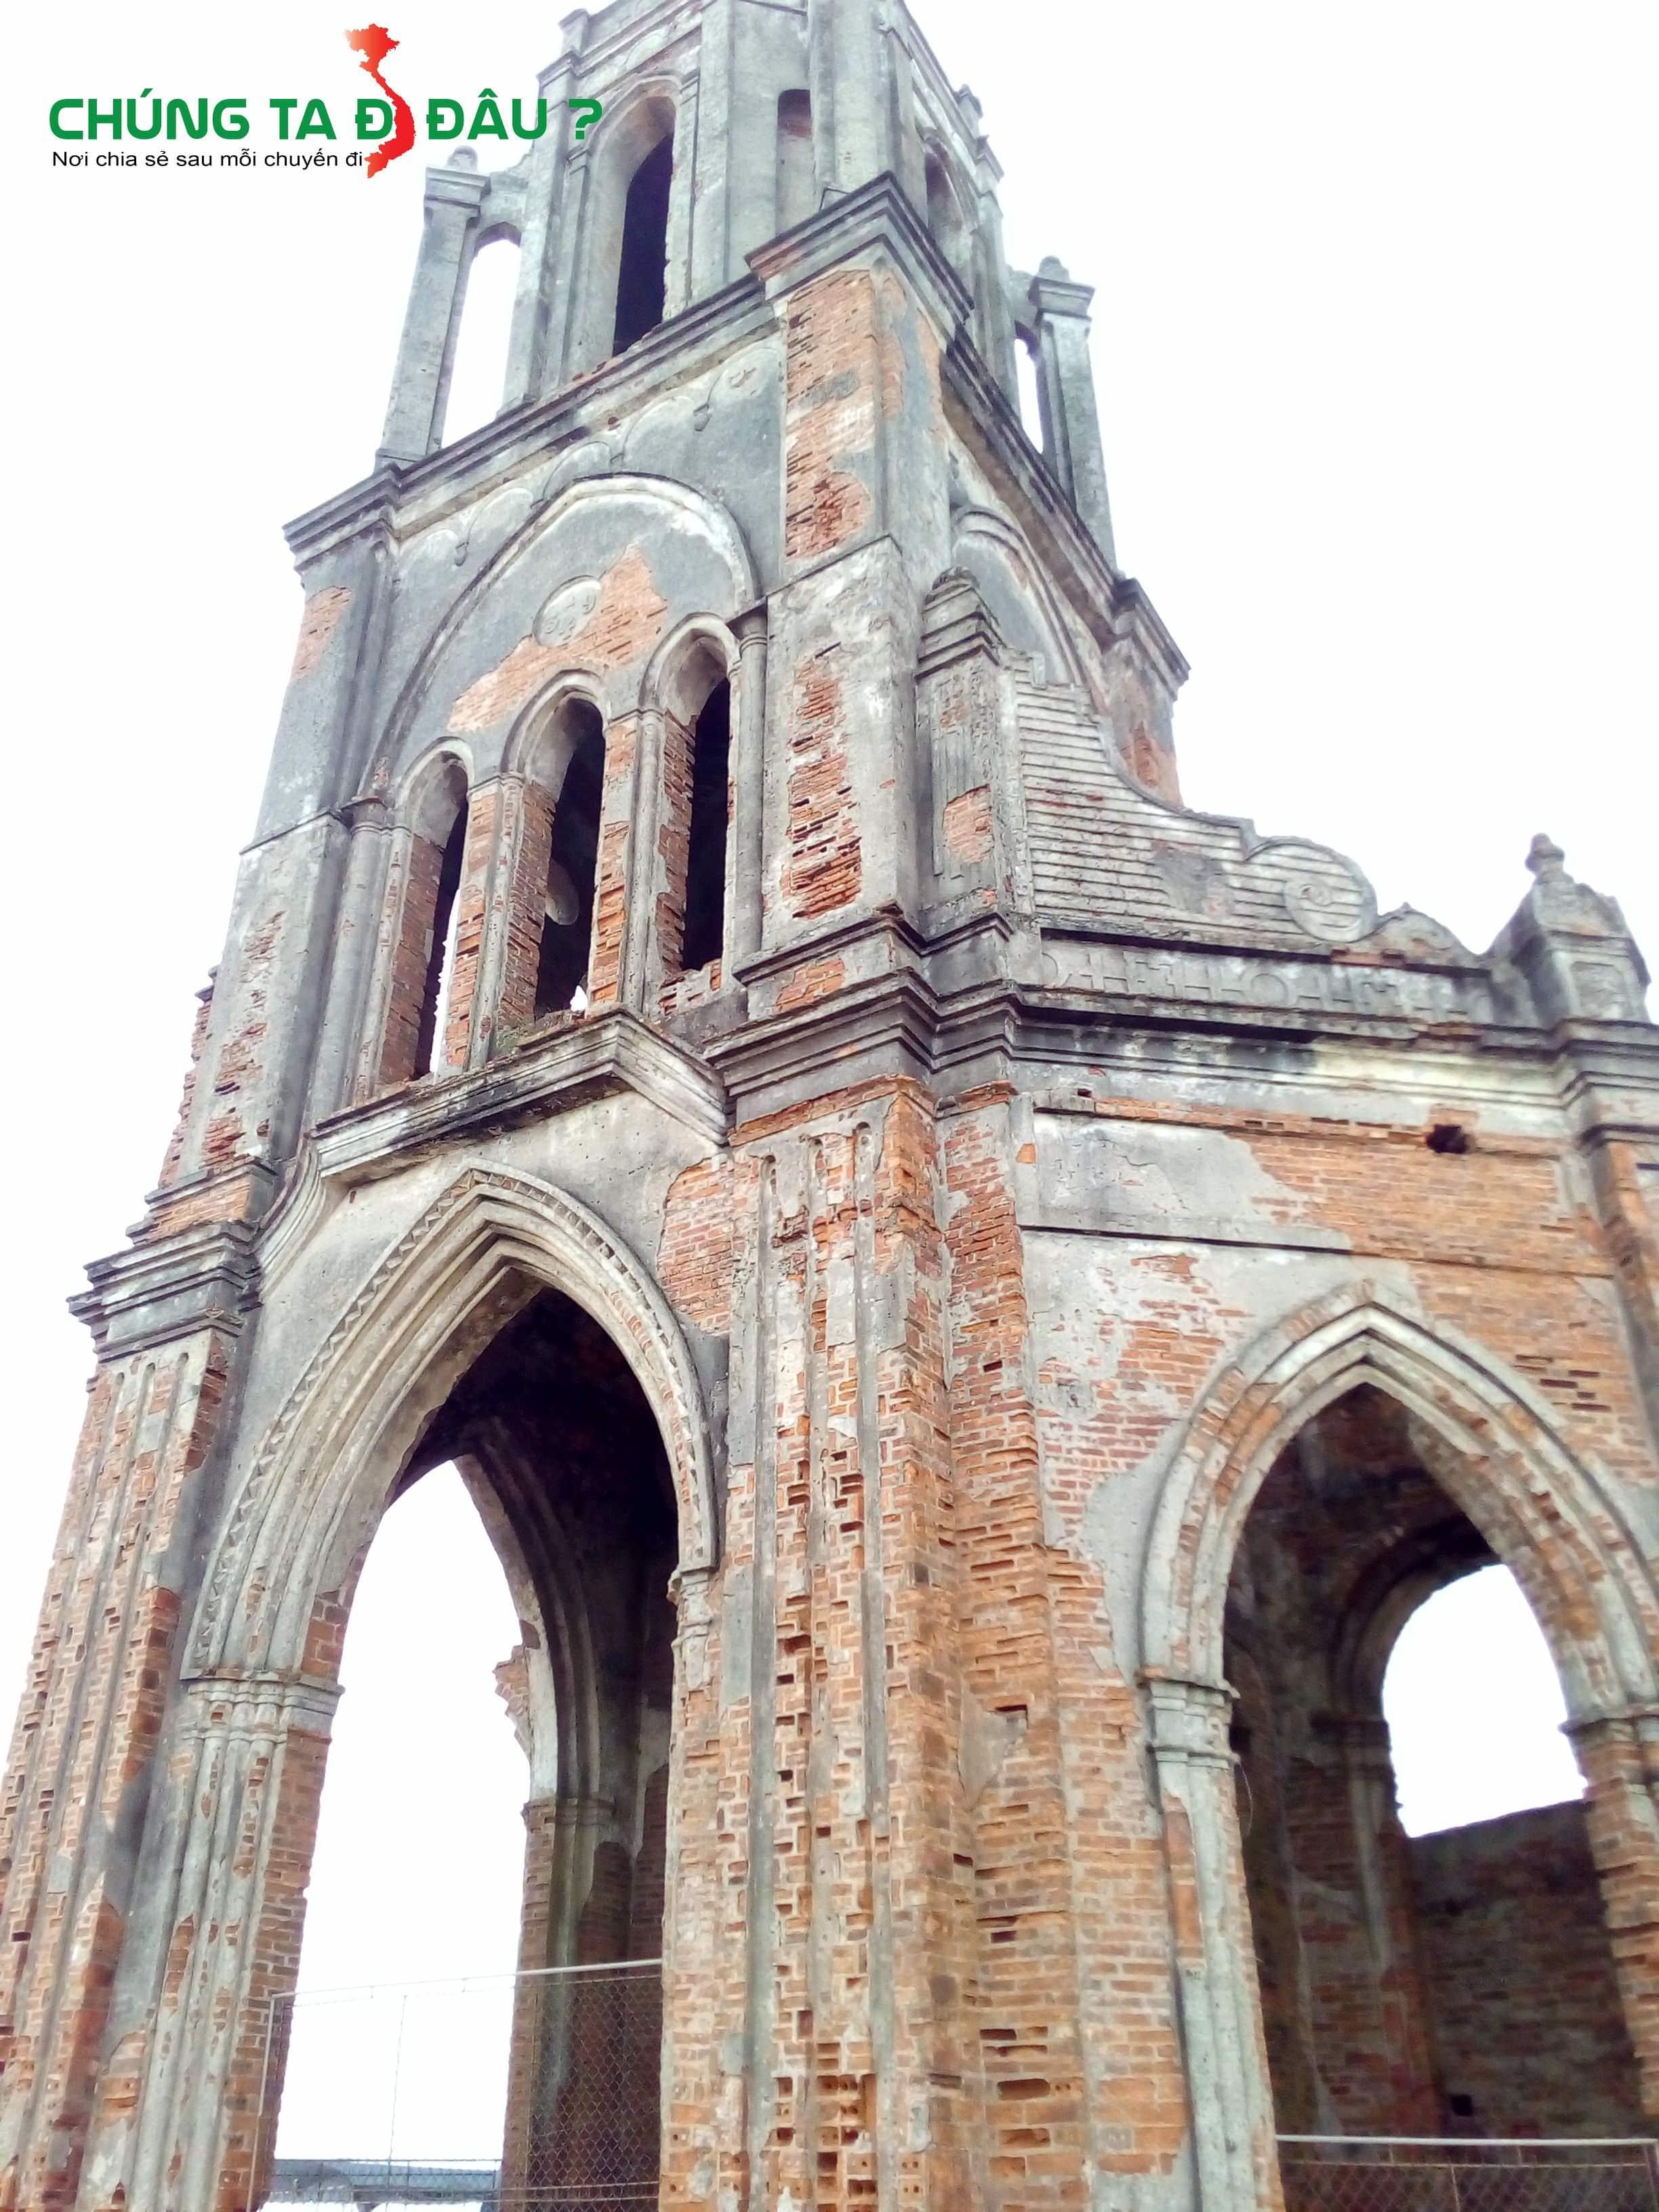 Cận cảnh nhà thờ đổ đã quá cũ